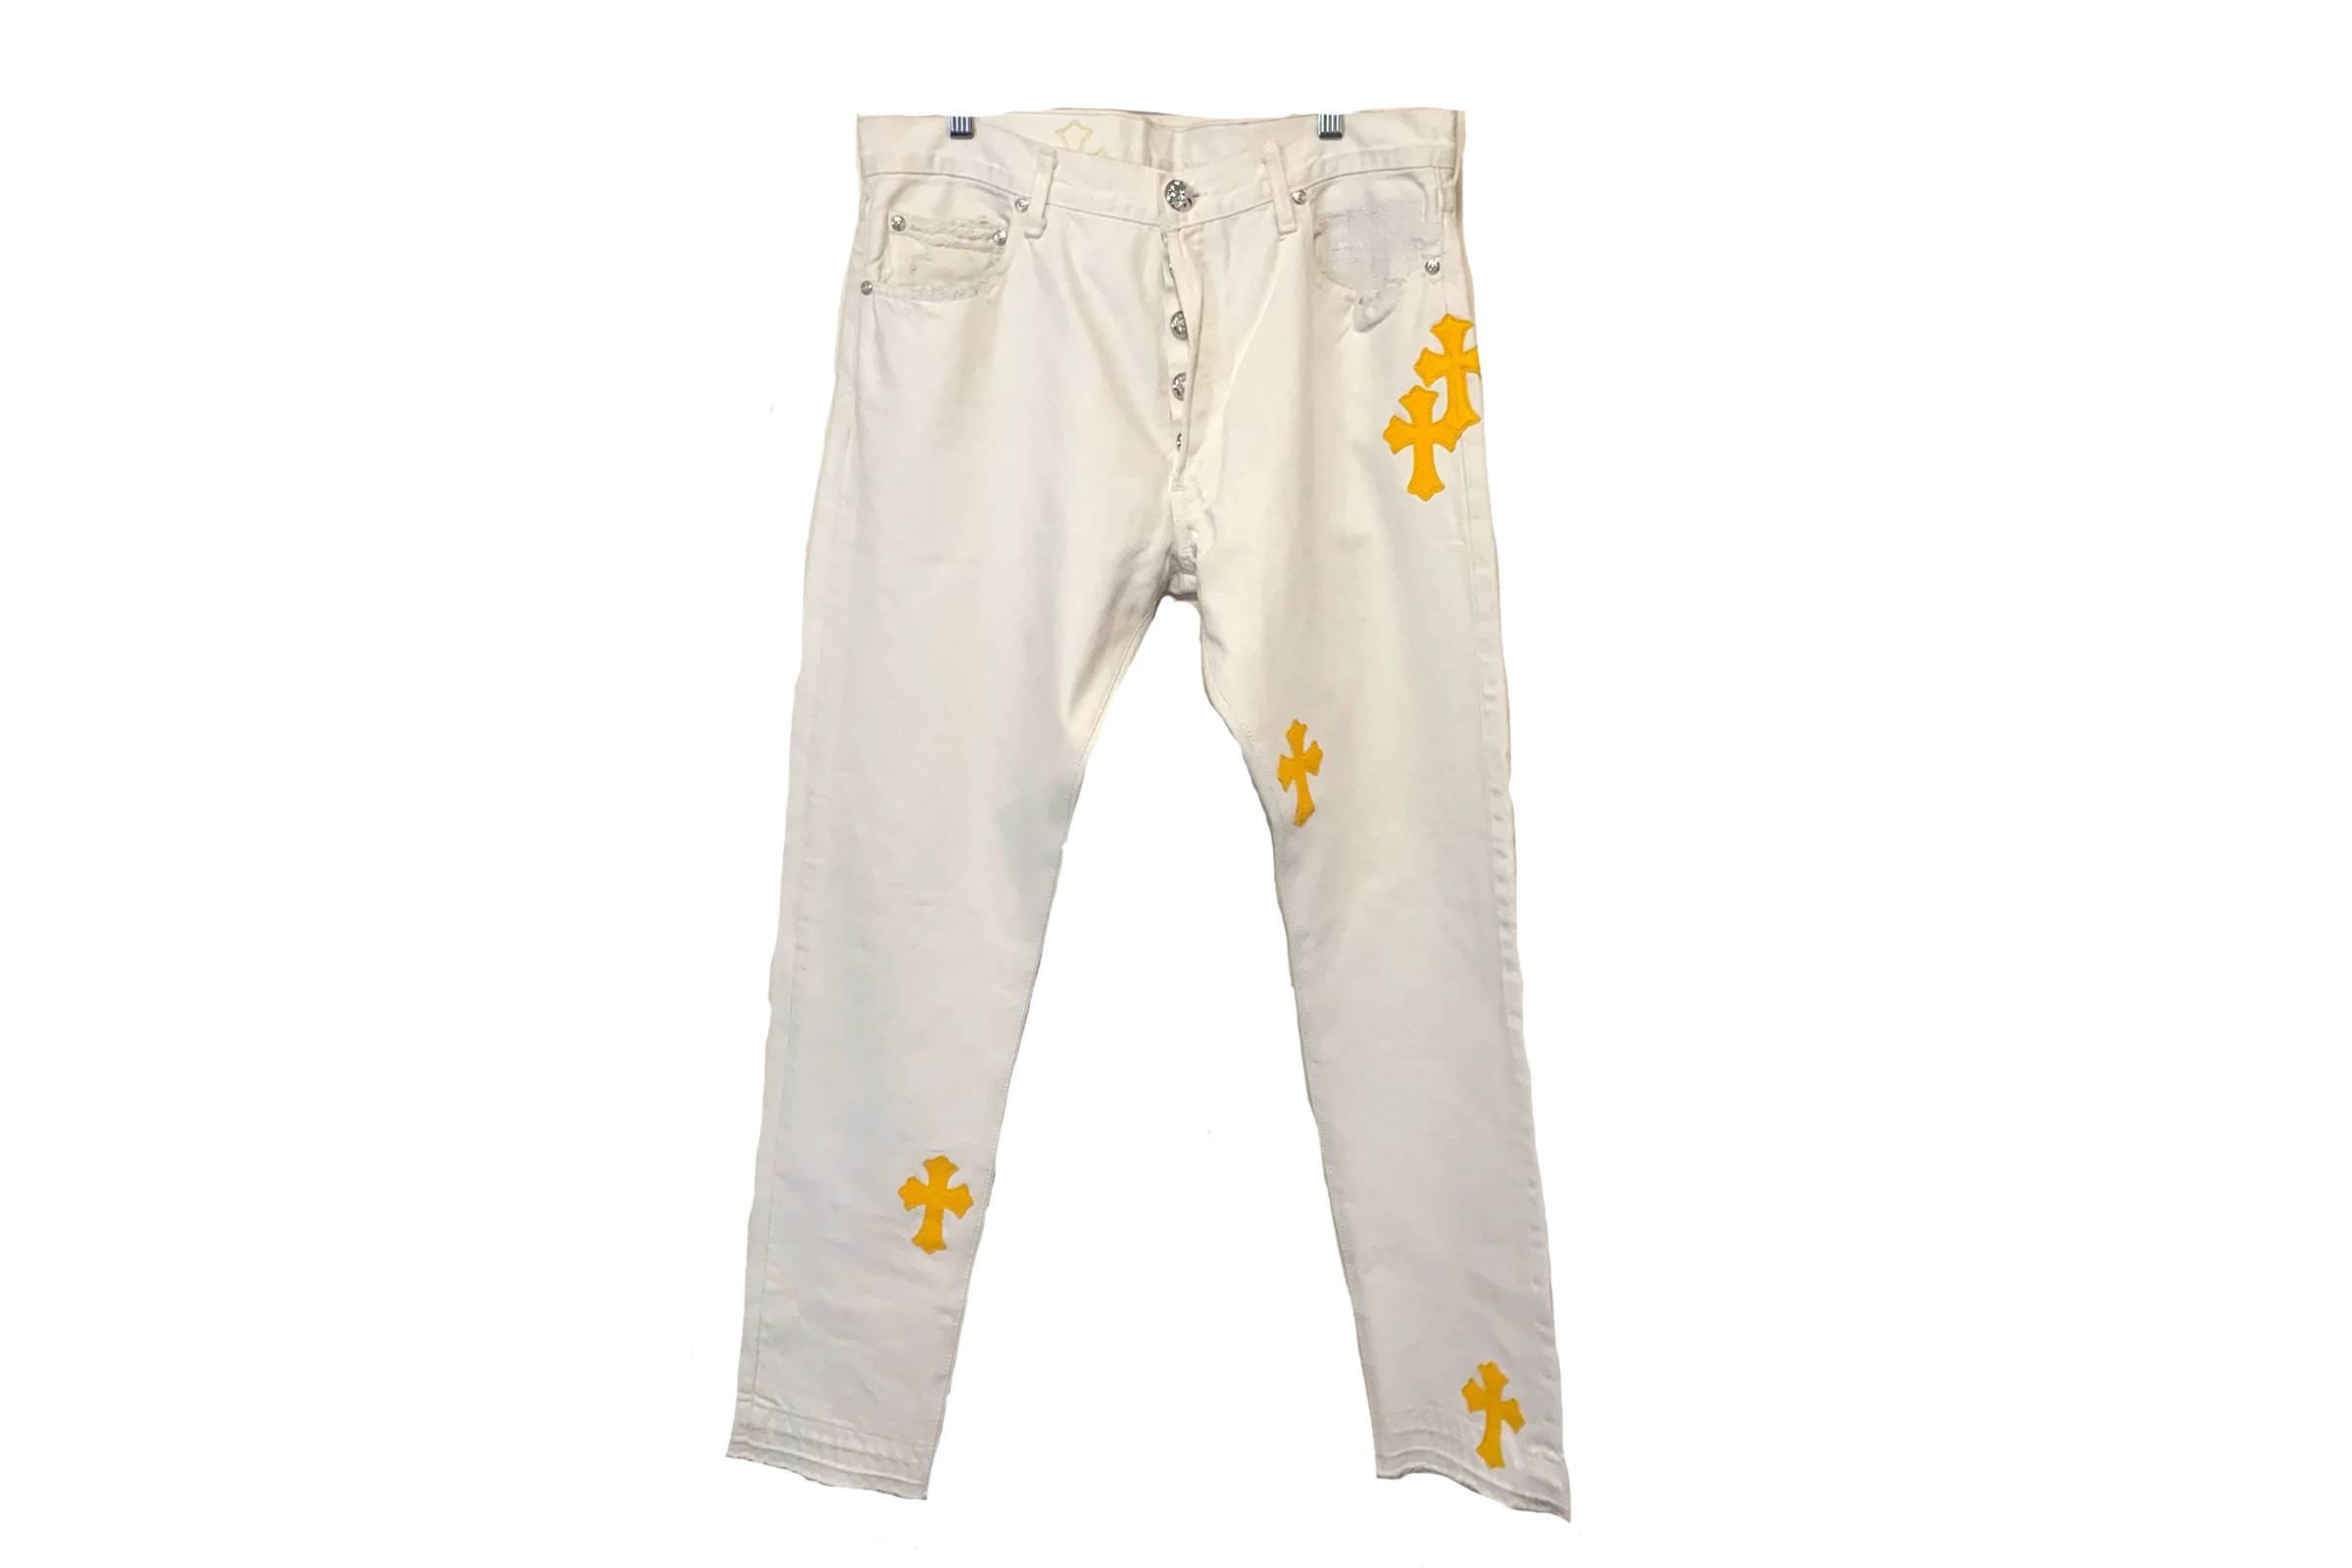 Chrome Hearts Leather Applique Jeans (Selfridges London Exclusive)